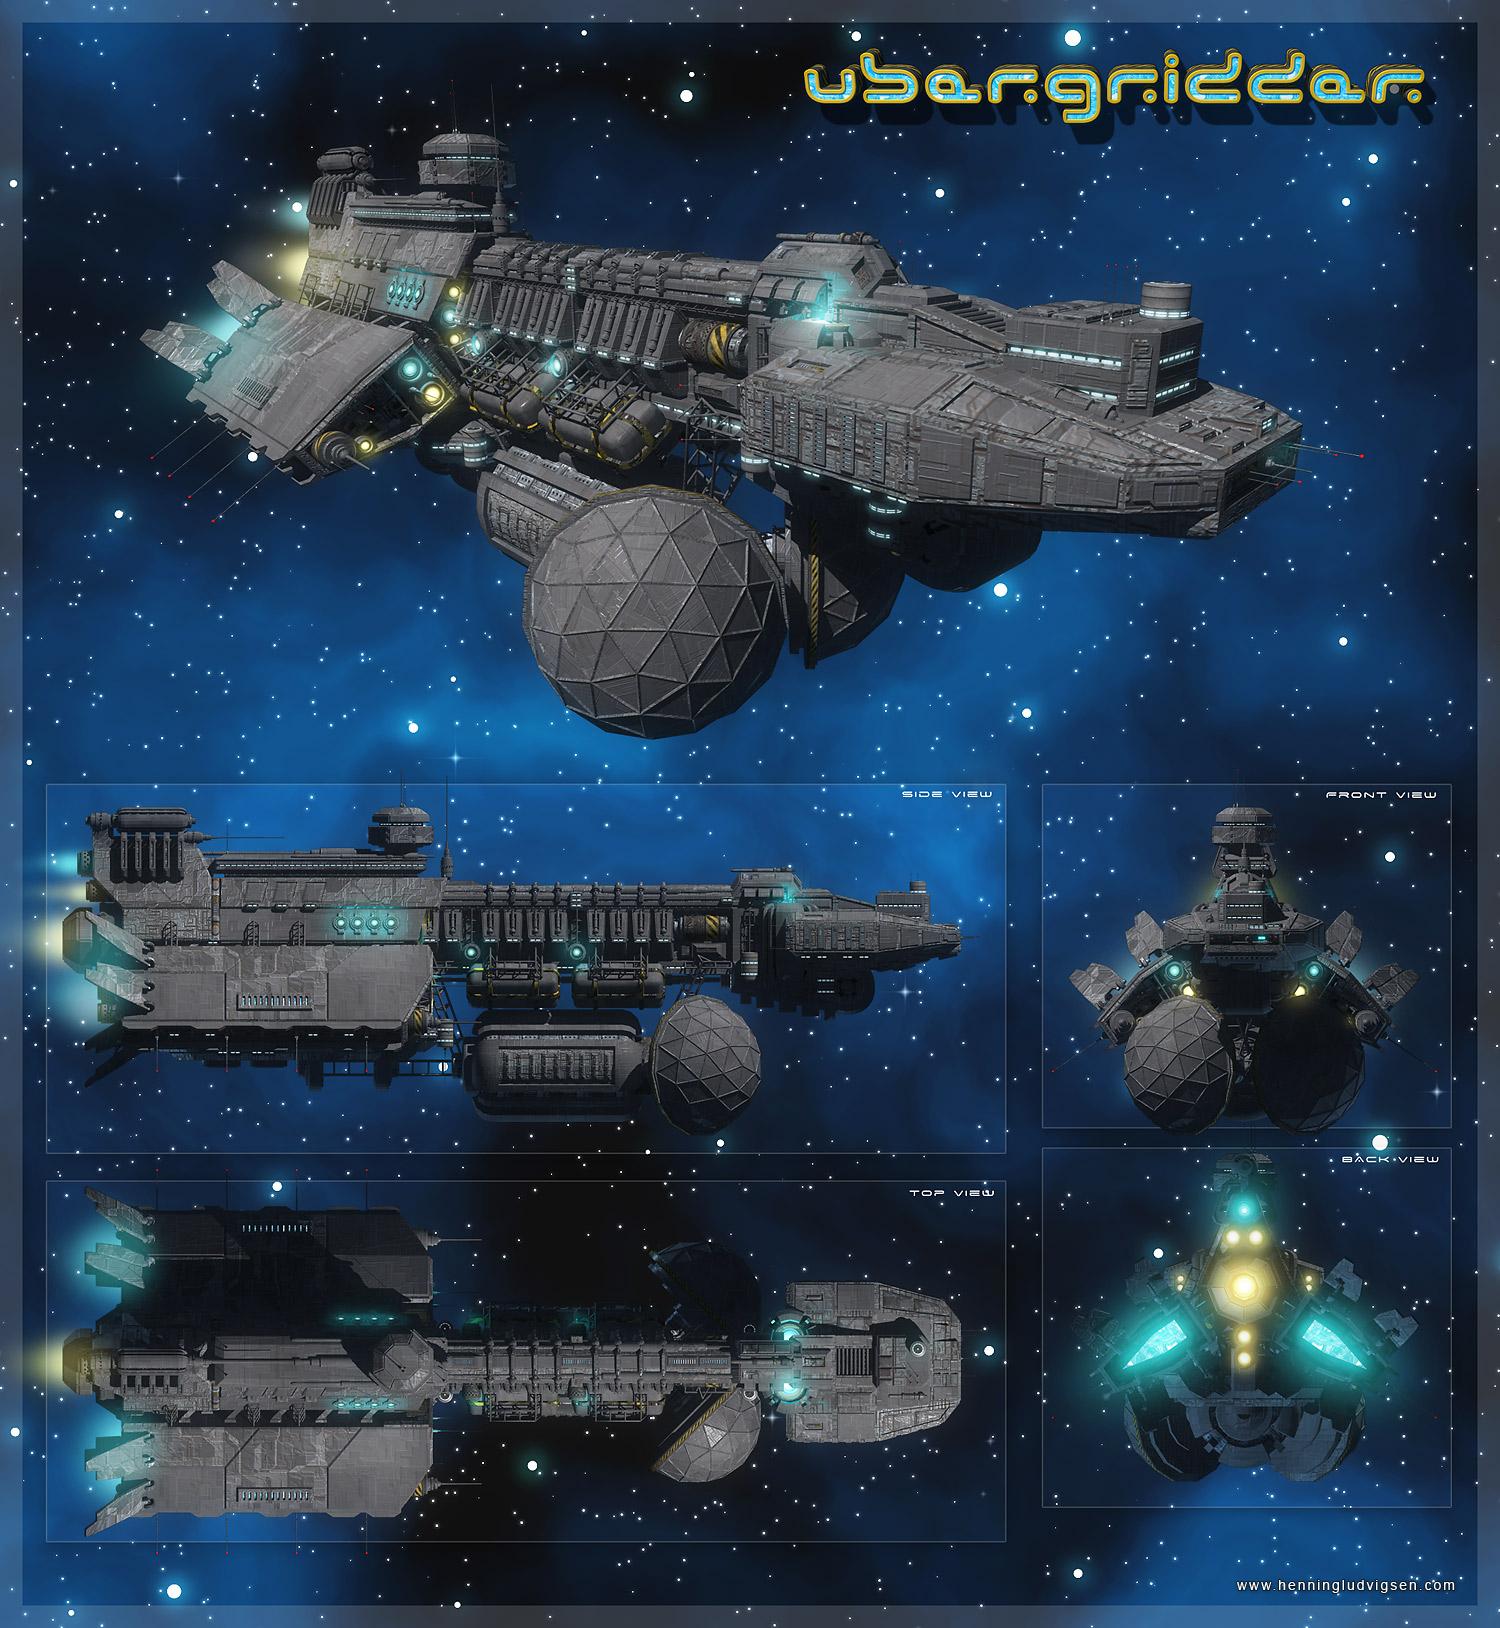 Ubergridder Spaceship By Henning On DeviantArt - Spaceship design game